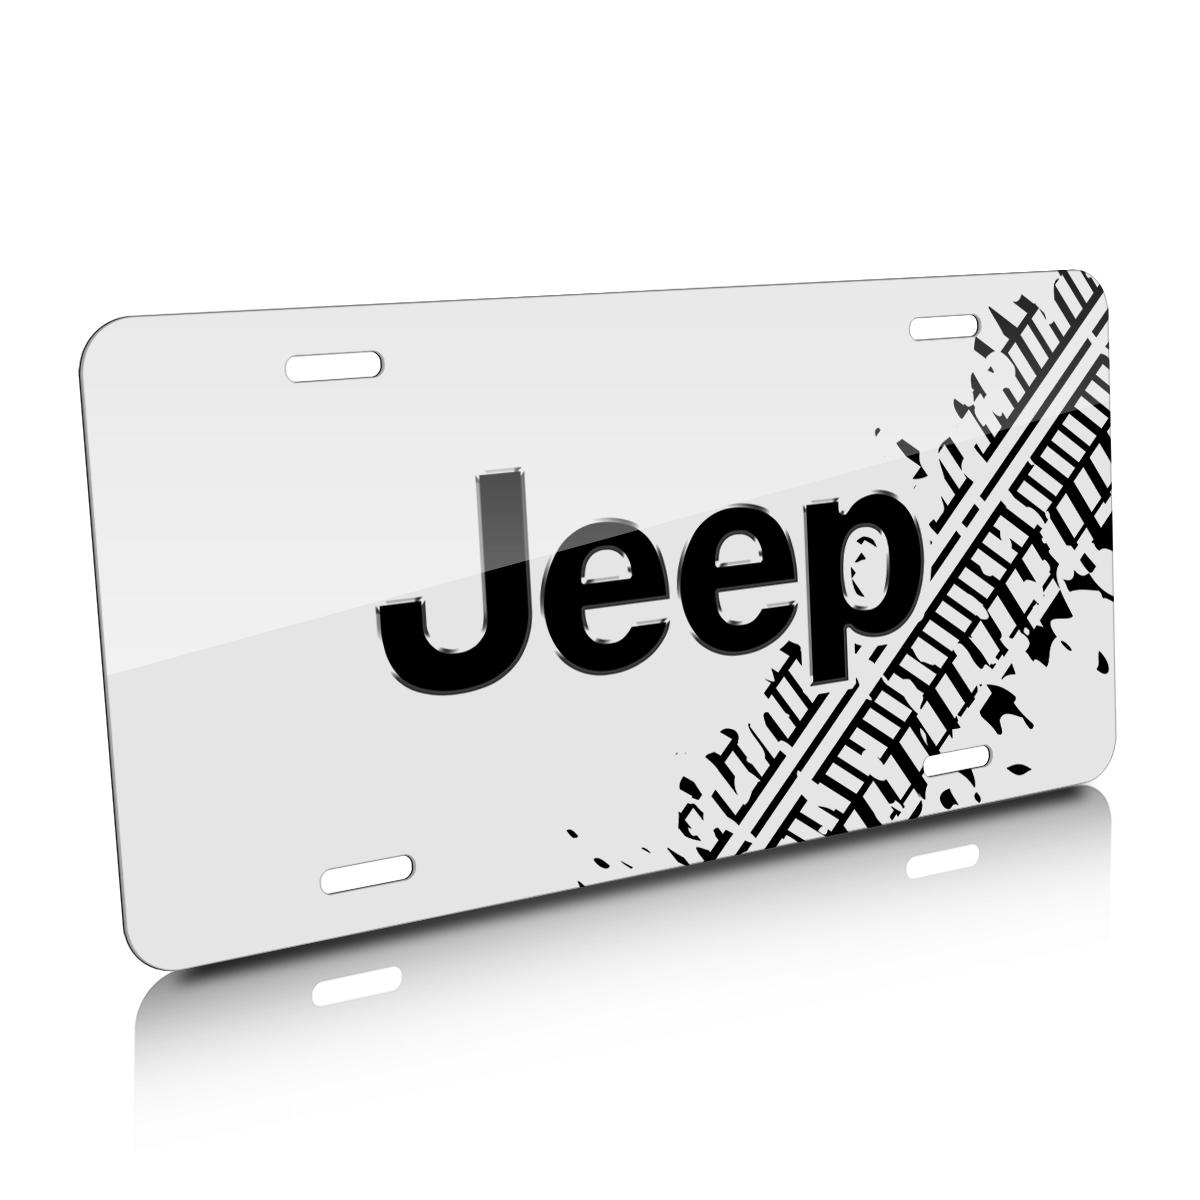 Jeep Tire Mark Graphic White Aluminum License Plate